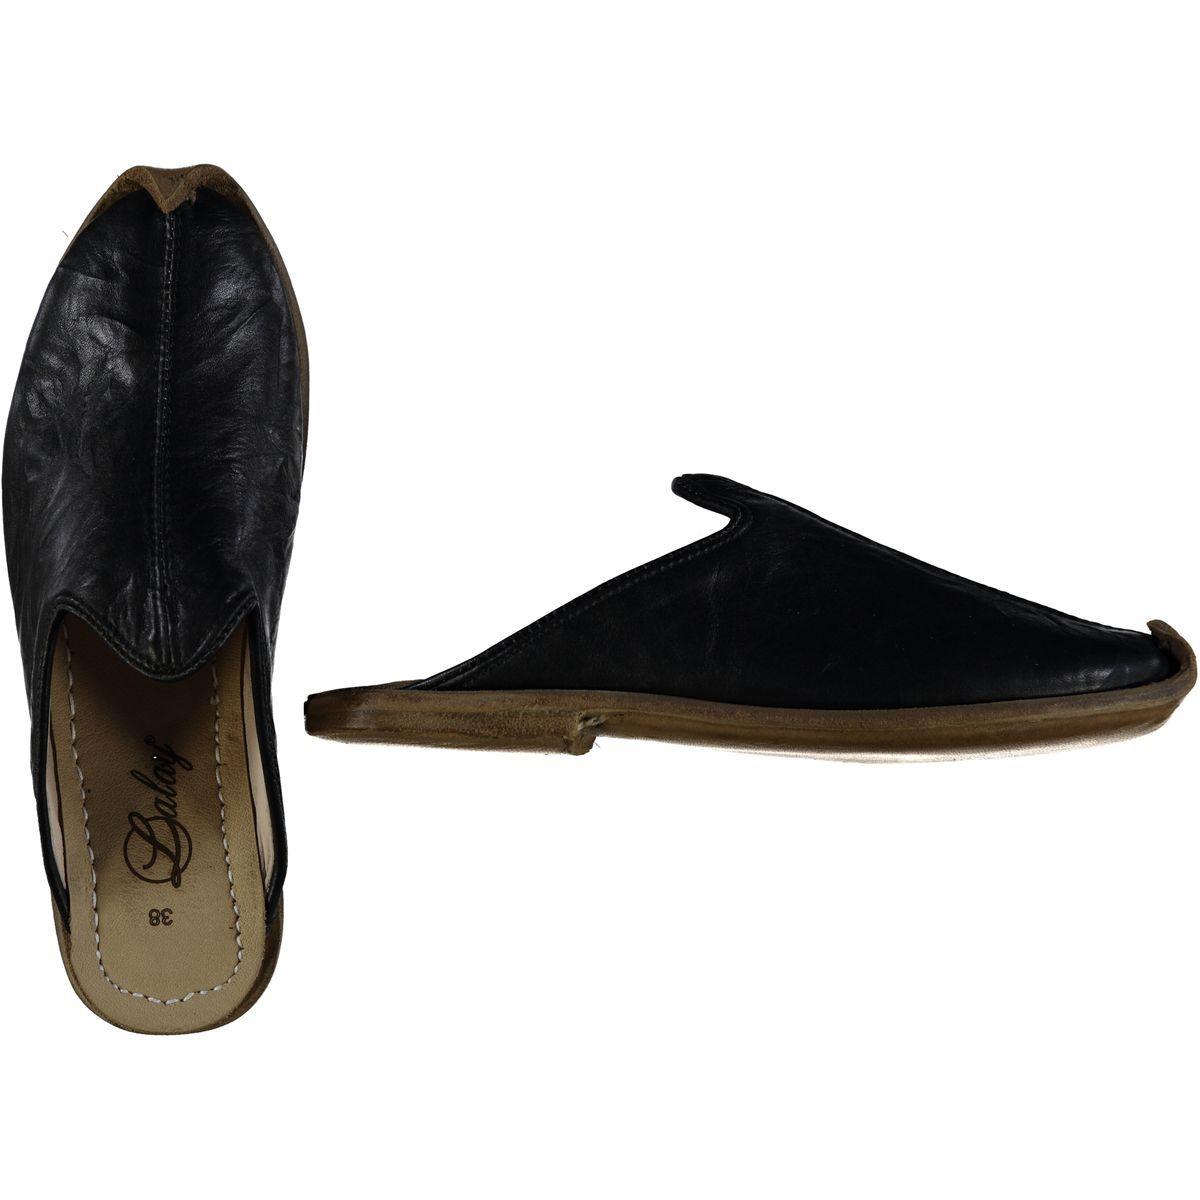 Slipper - Babouche - Leather / Handmade - Black